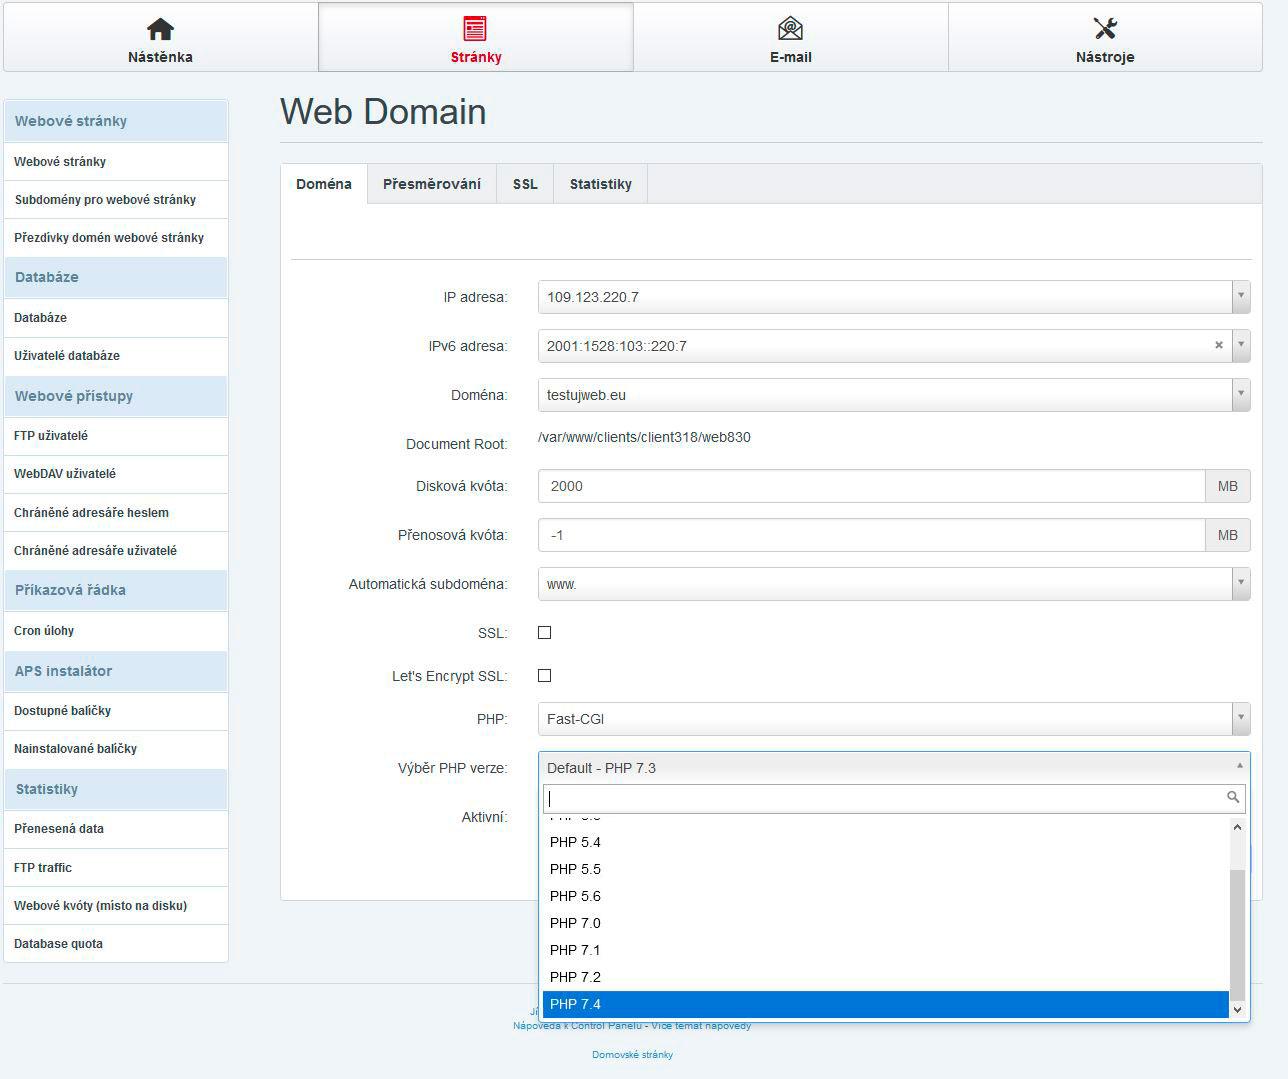 TvujWeb.cz výběr verze PHP - 5.3, 5.4, 5.5, 5.6, 7.0, 7.1, 7.2, 7.3, 7.4